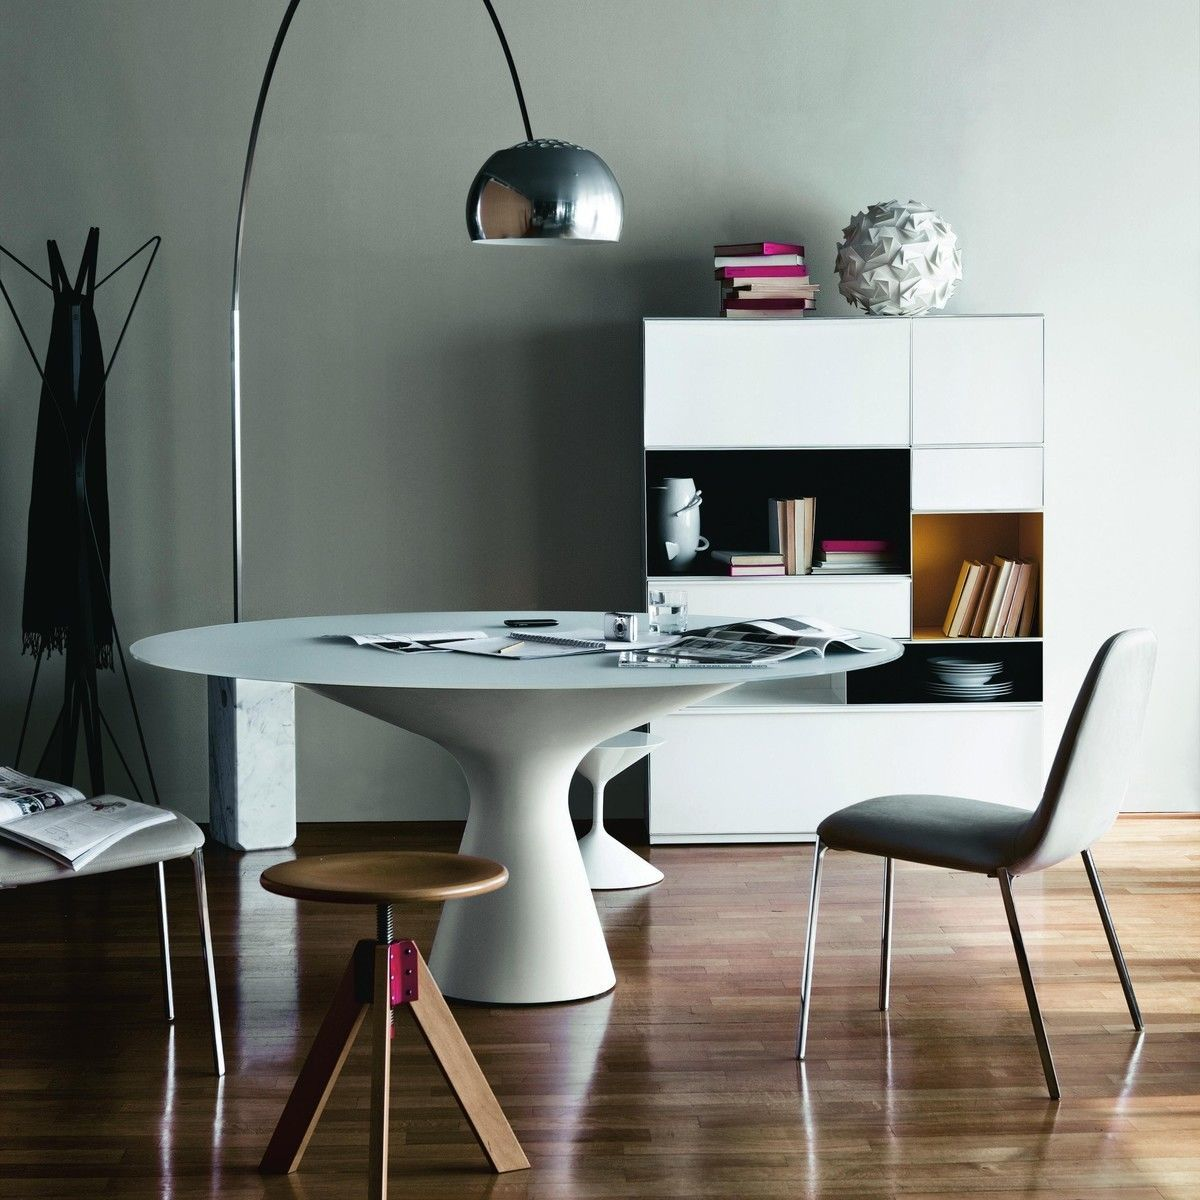 Blanco table de salle manger zanotta for Table de salle a manger italienne